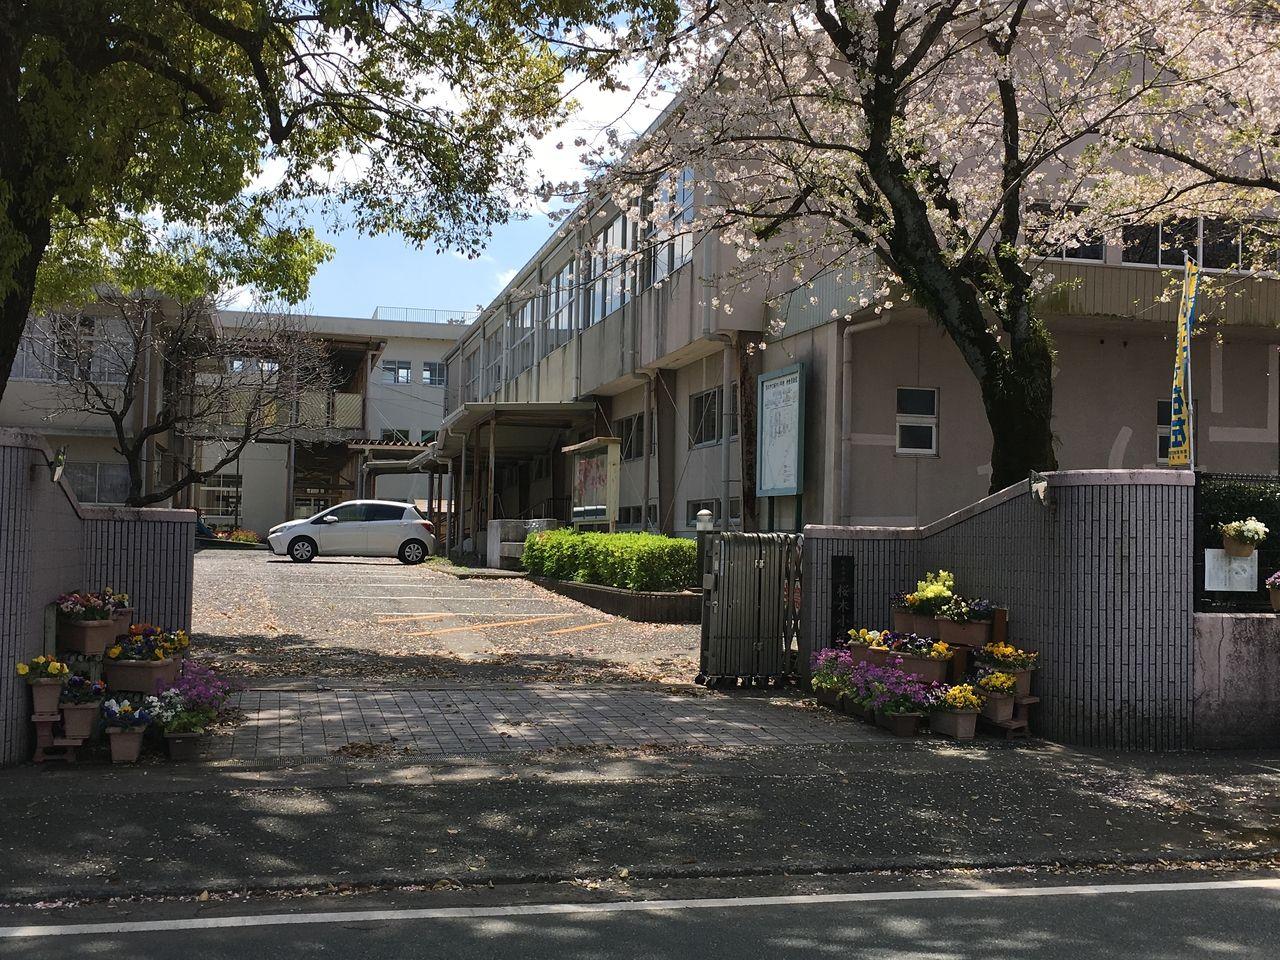 桜の花咲く熊本市立桜木小学校校門